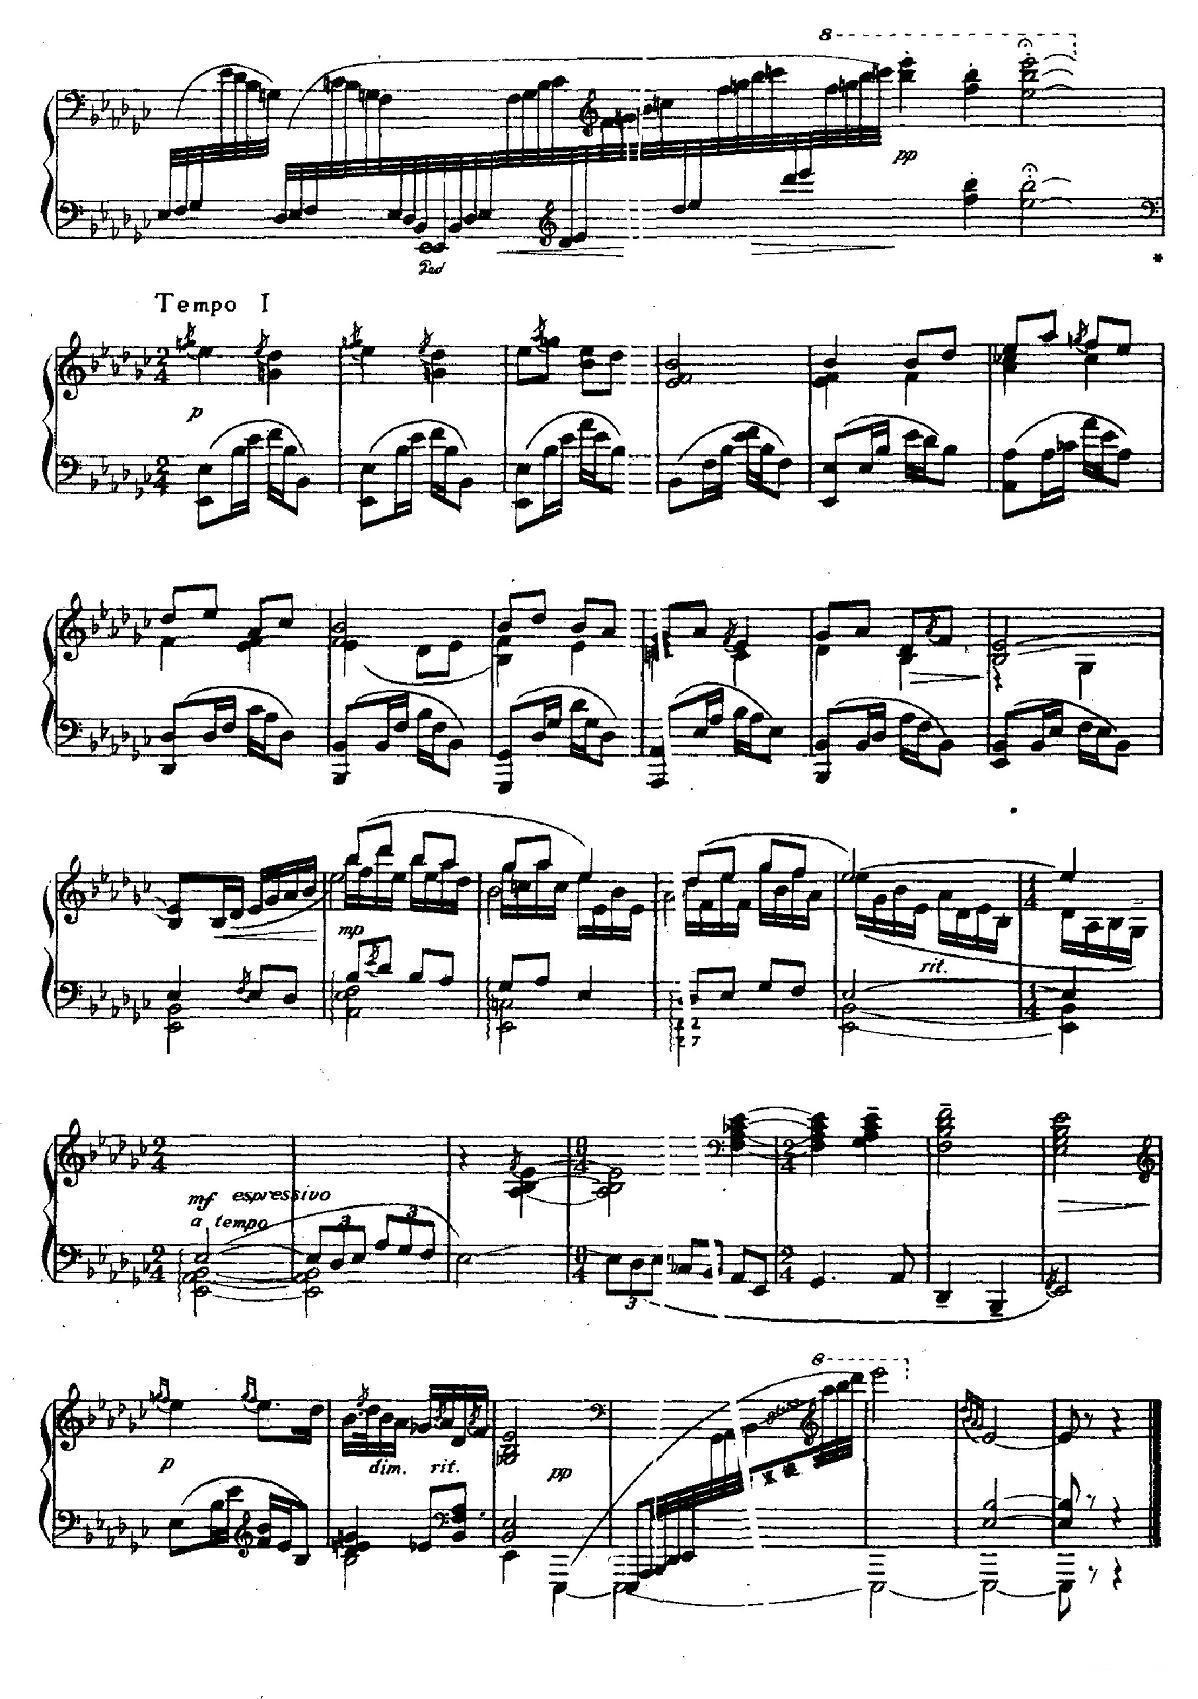 前奏曲二首:二,筝箫吟_钢琴谱_用户传谱 | 搜谱——最图片